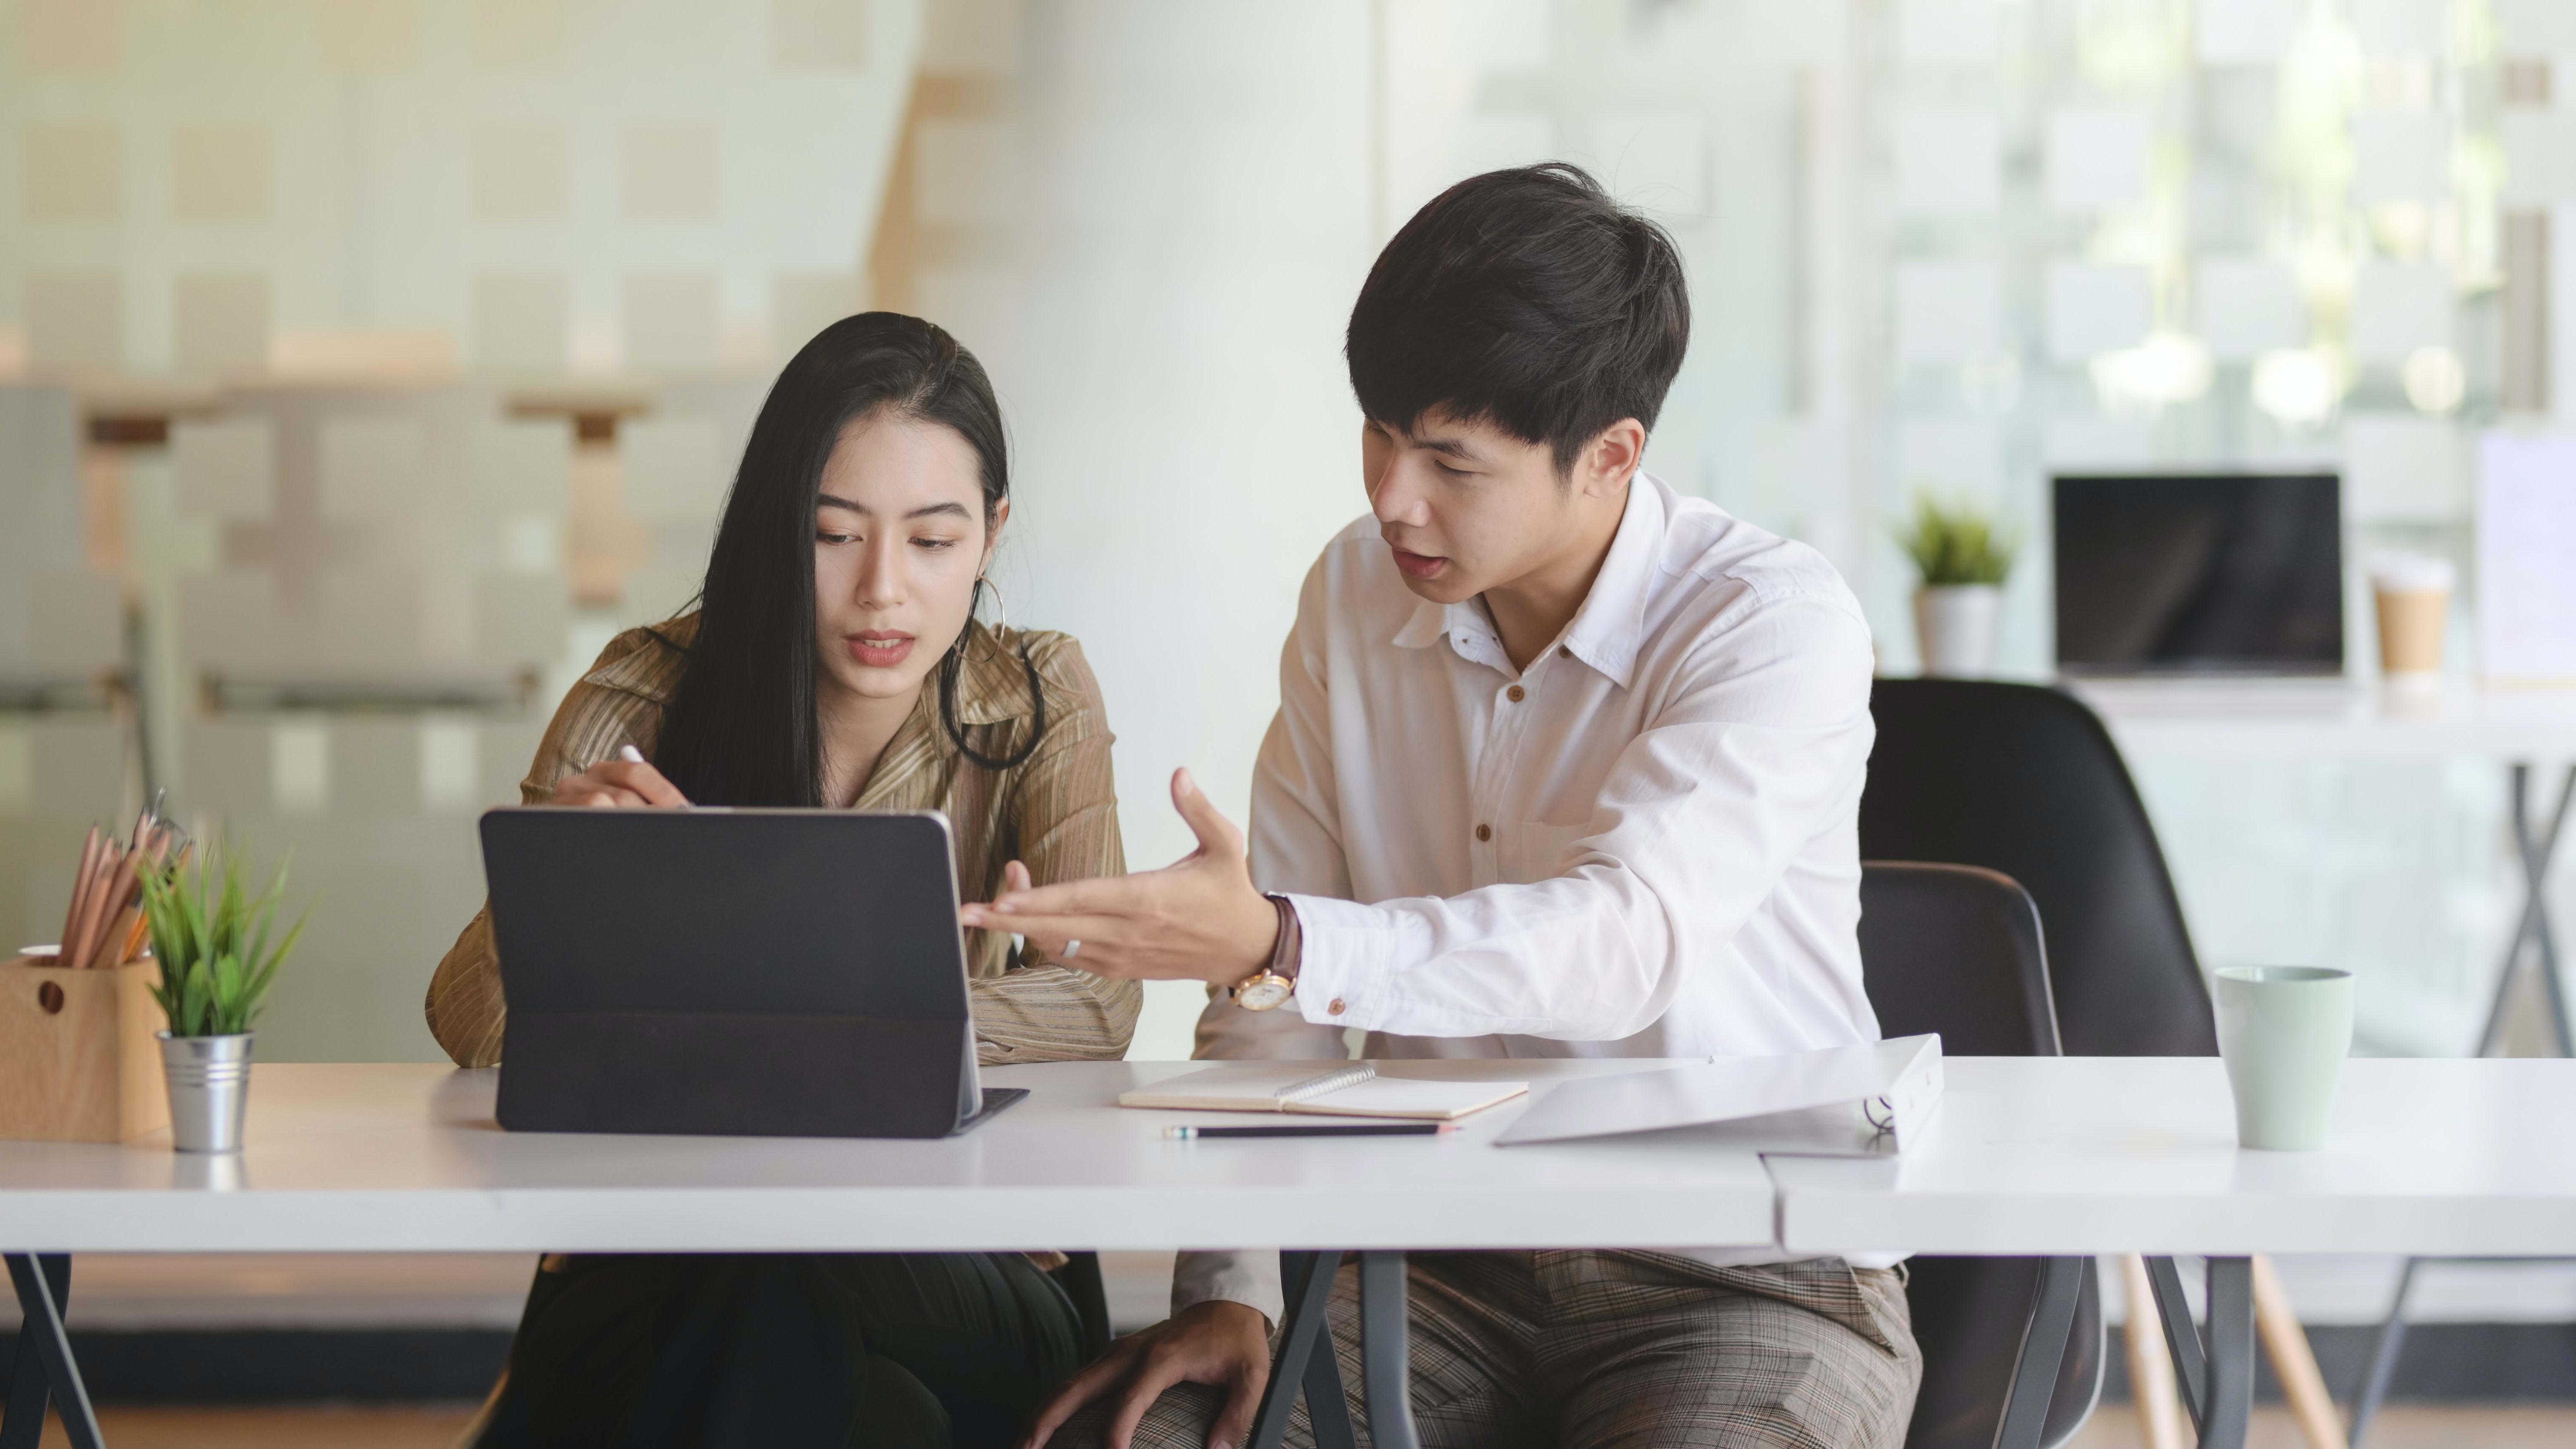 Capacité d'emprunt: combien pouvez-vous emprunter avec un PTZ?